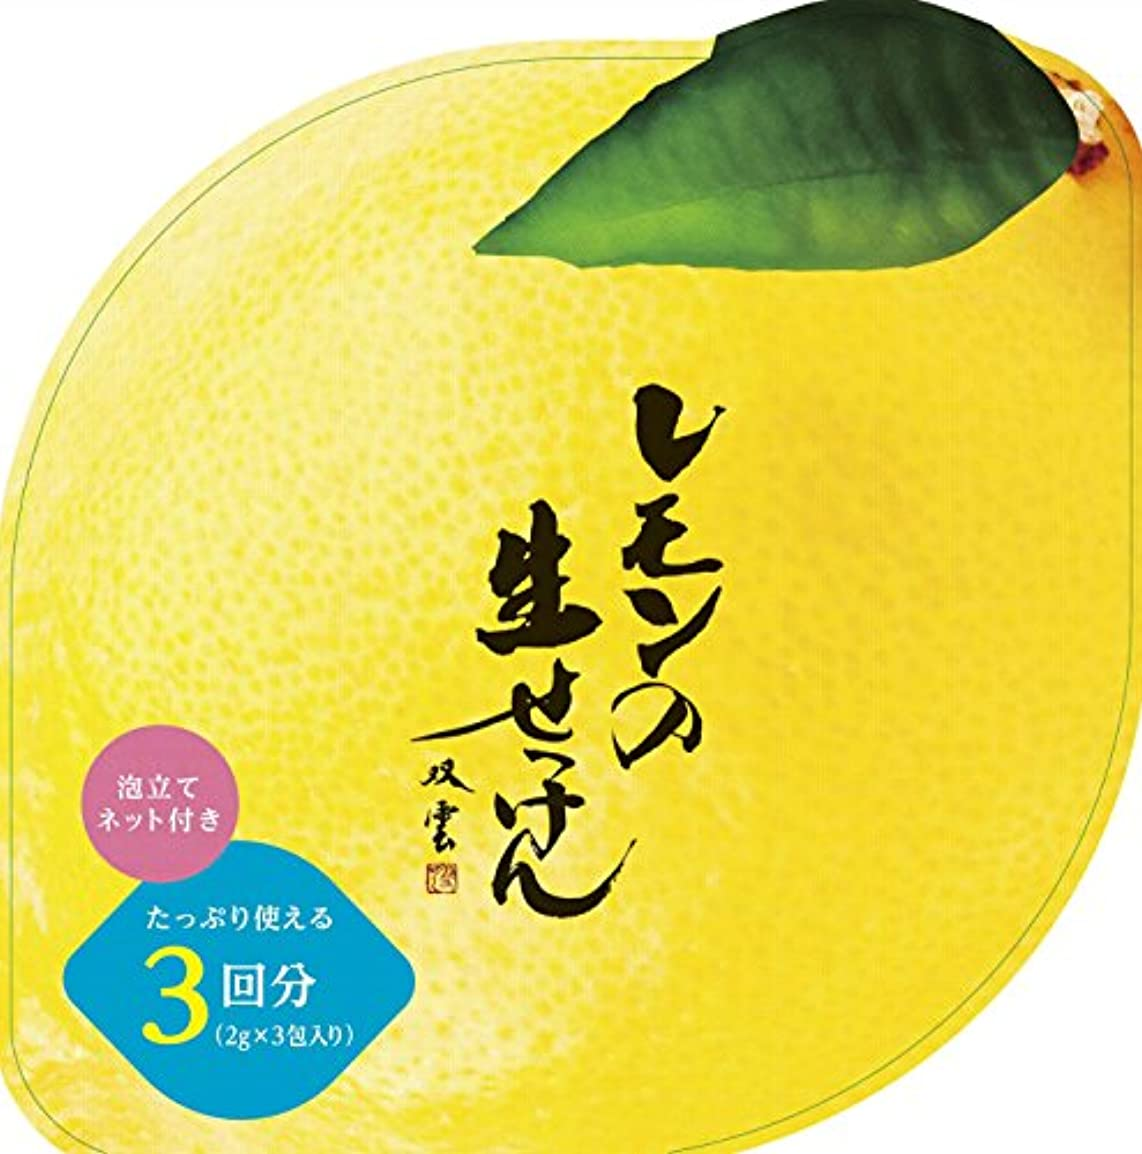 基本的な八百屋劇的美香柑 レモンの生せっけん 2g×3包入